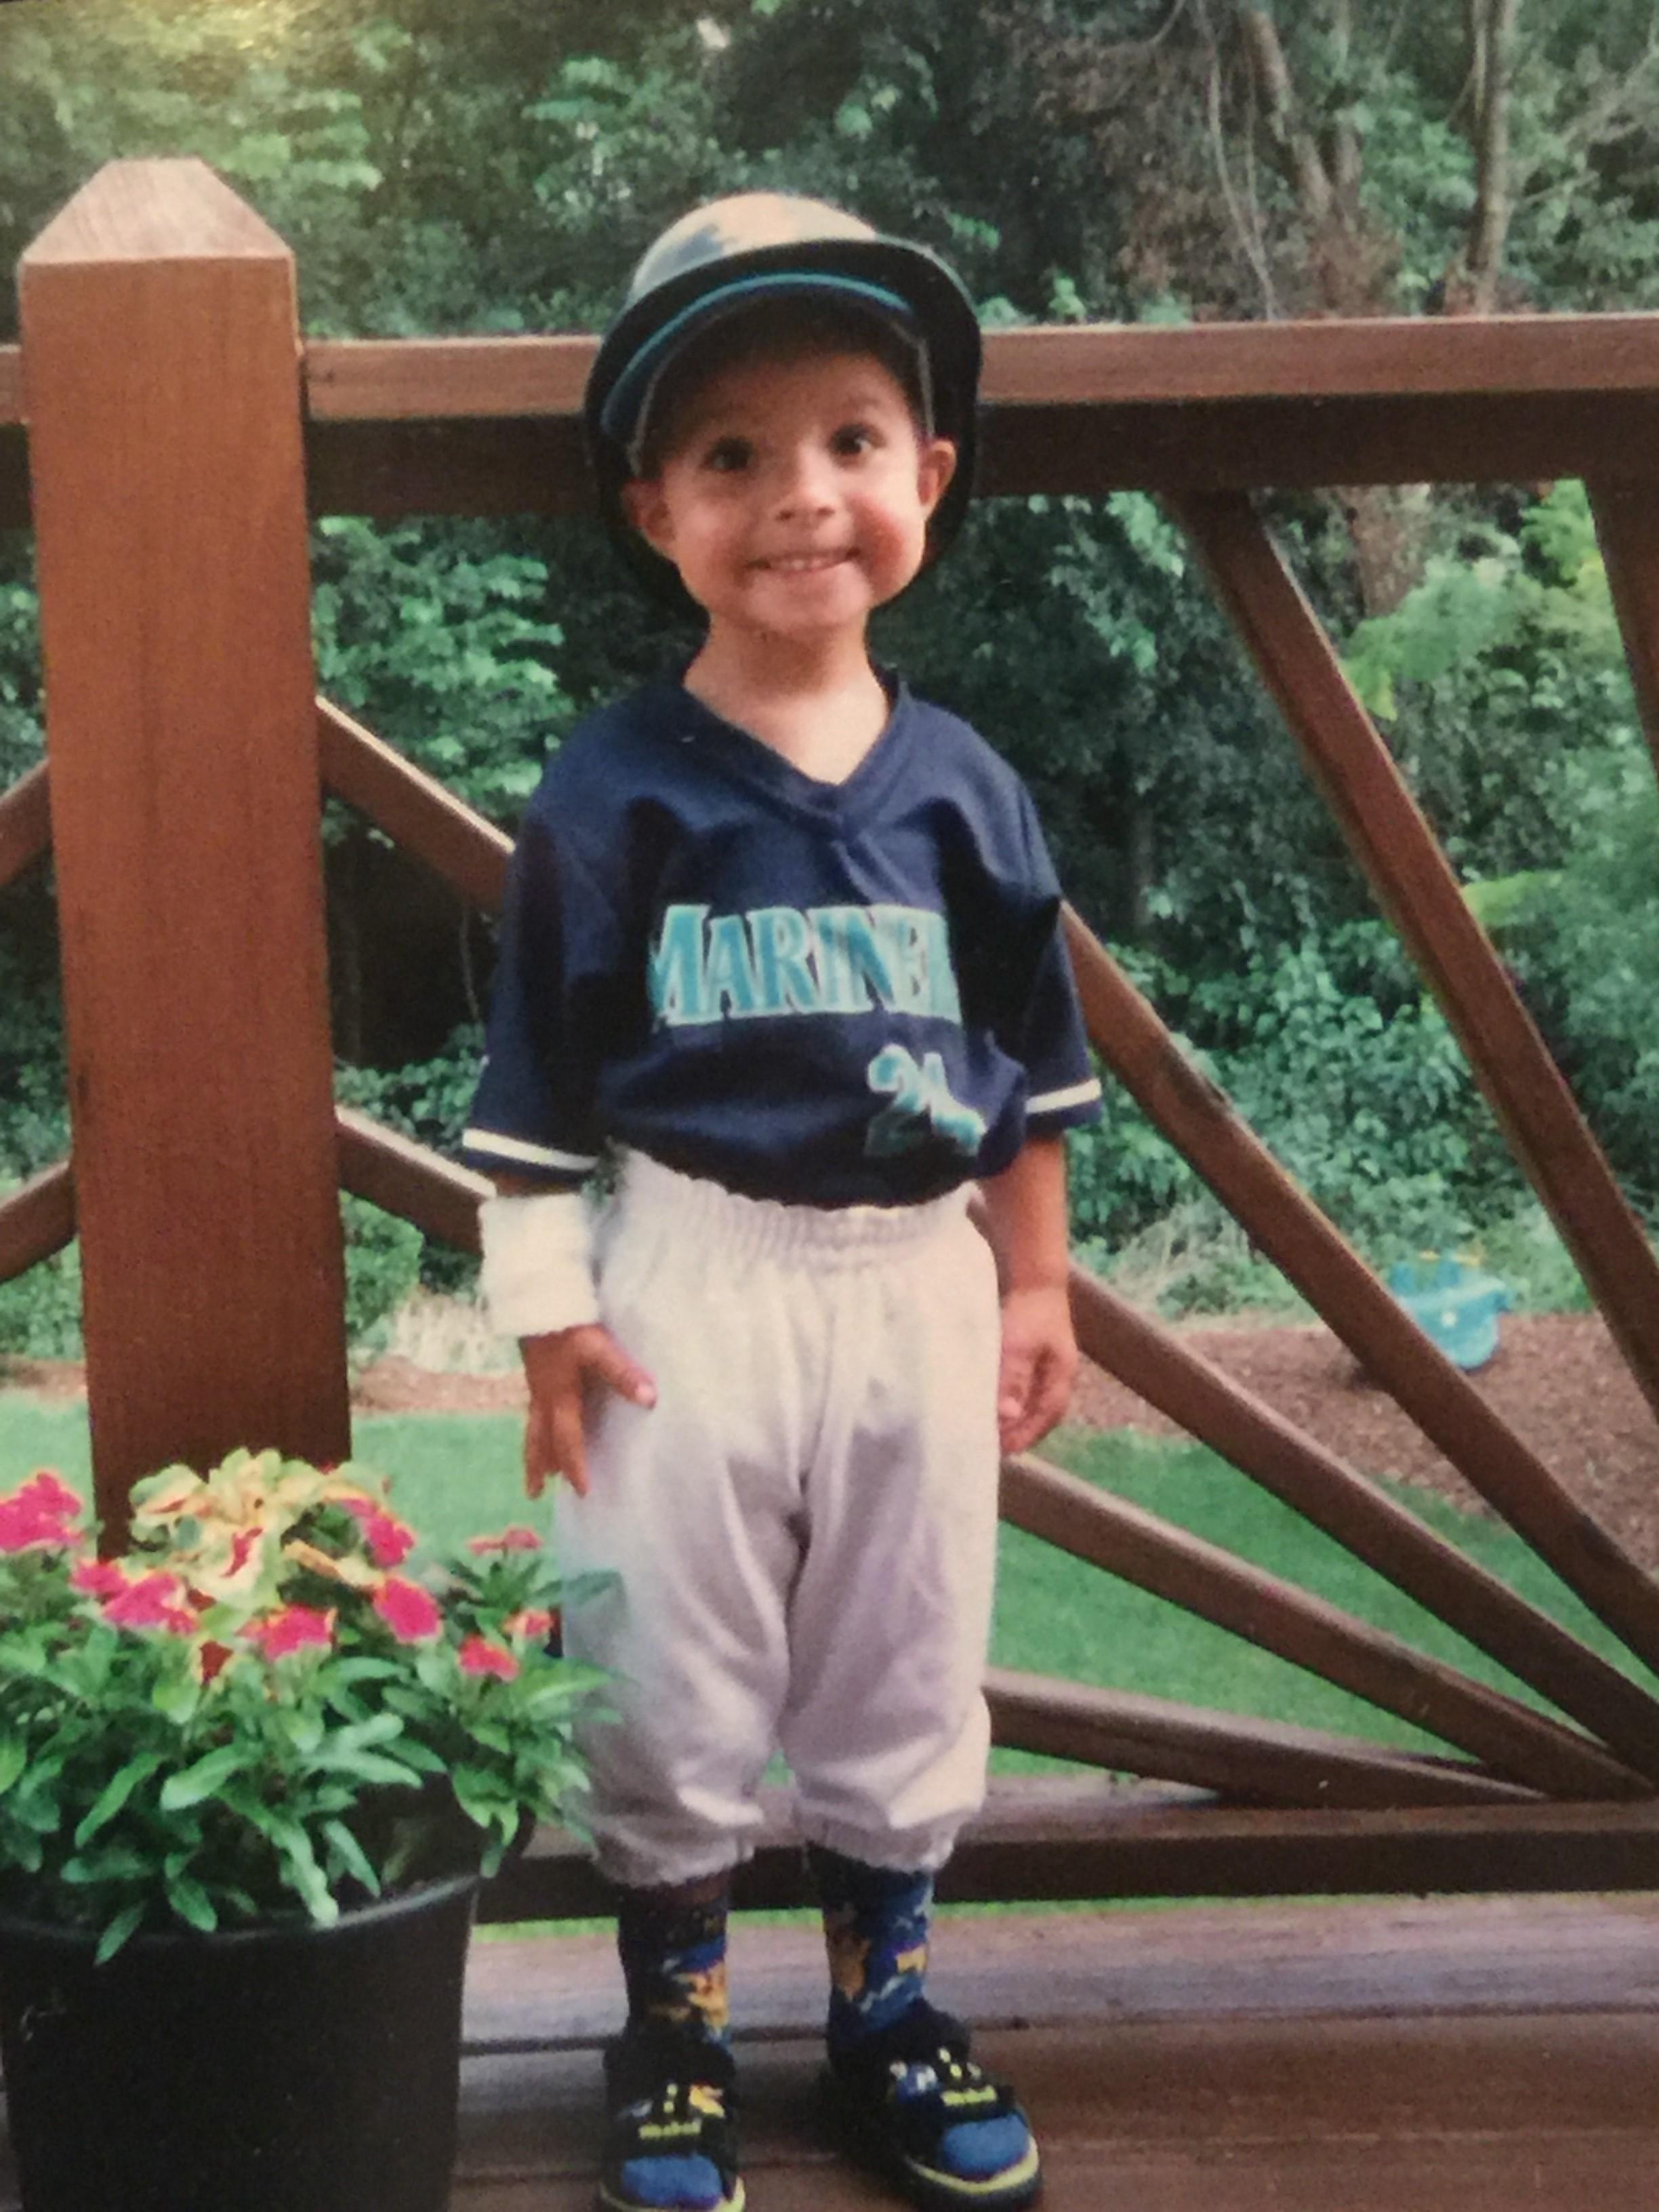 little ball player.jpg